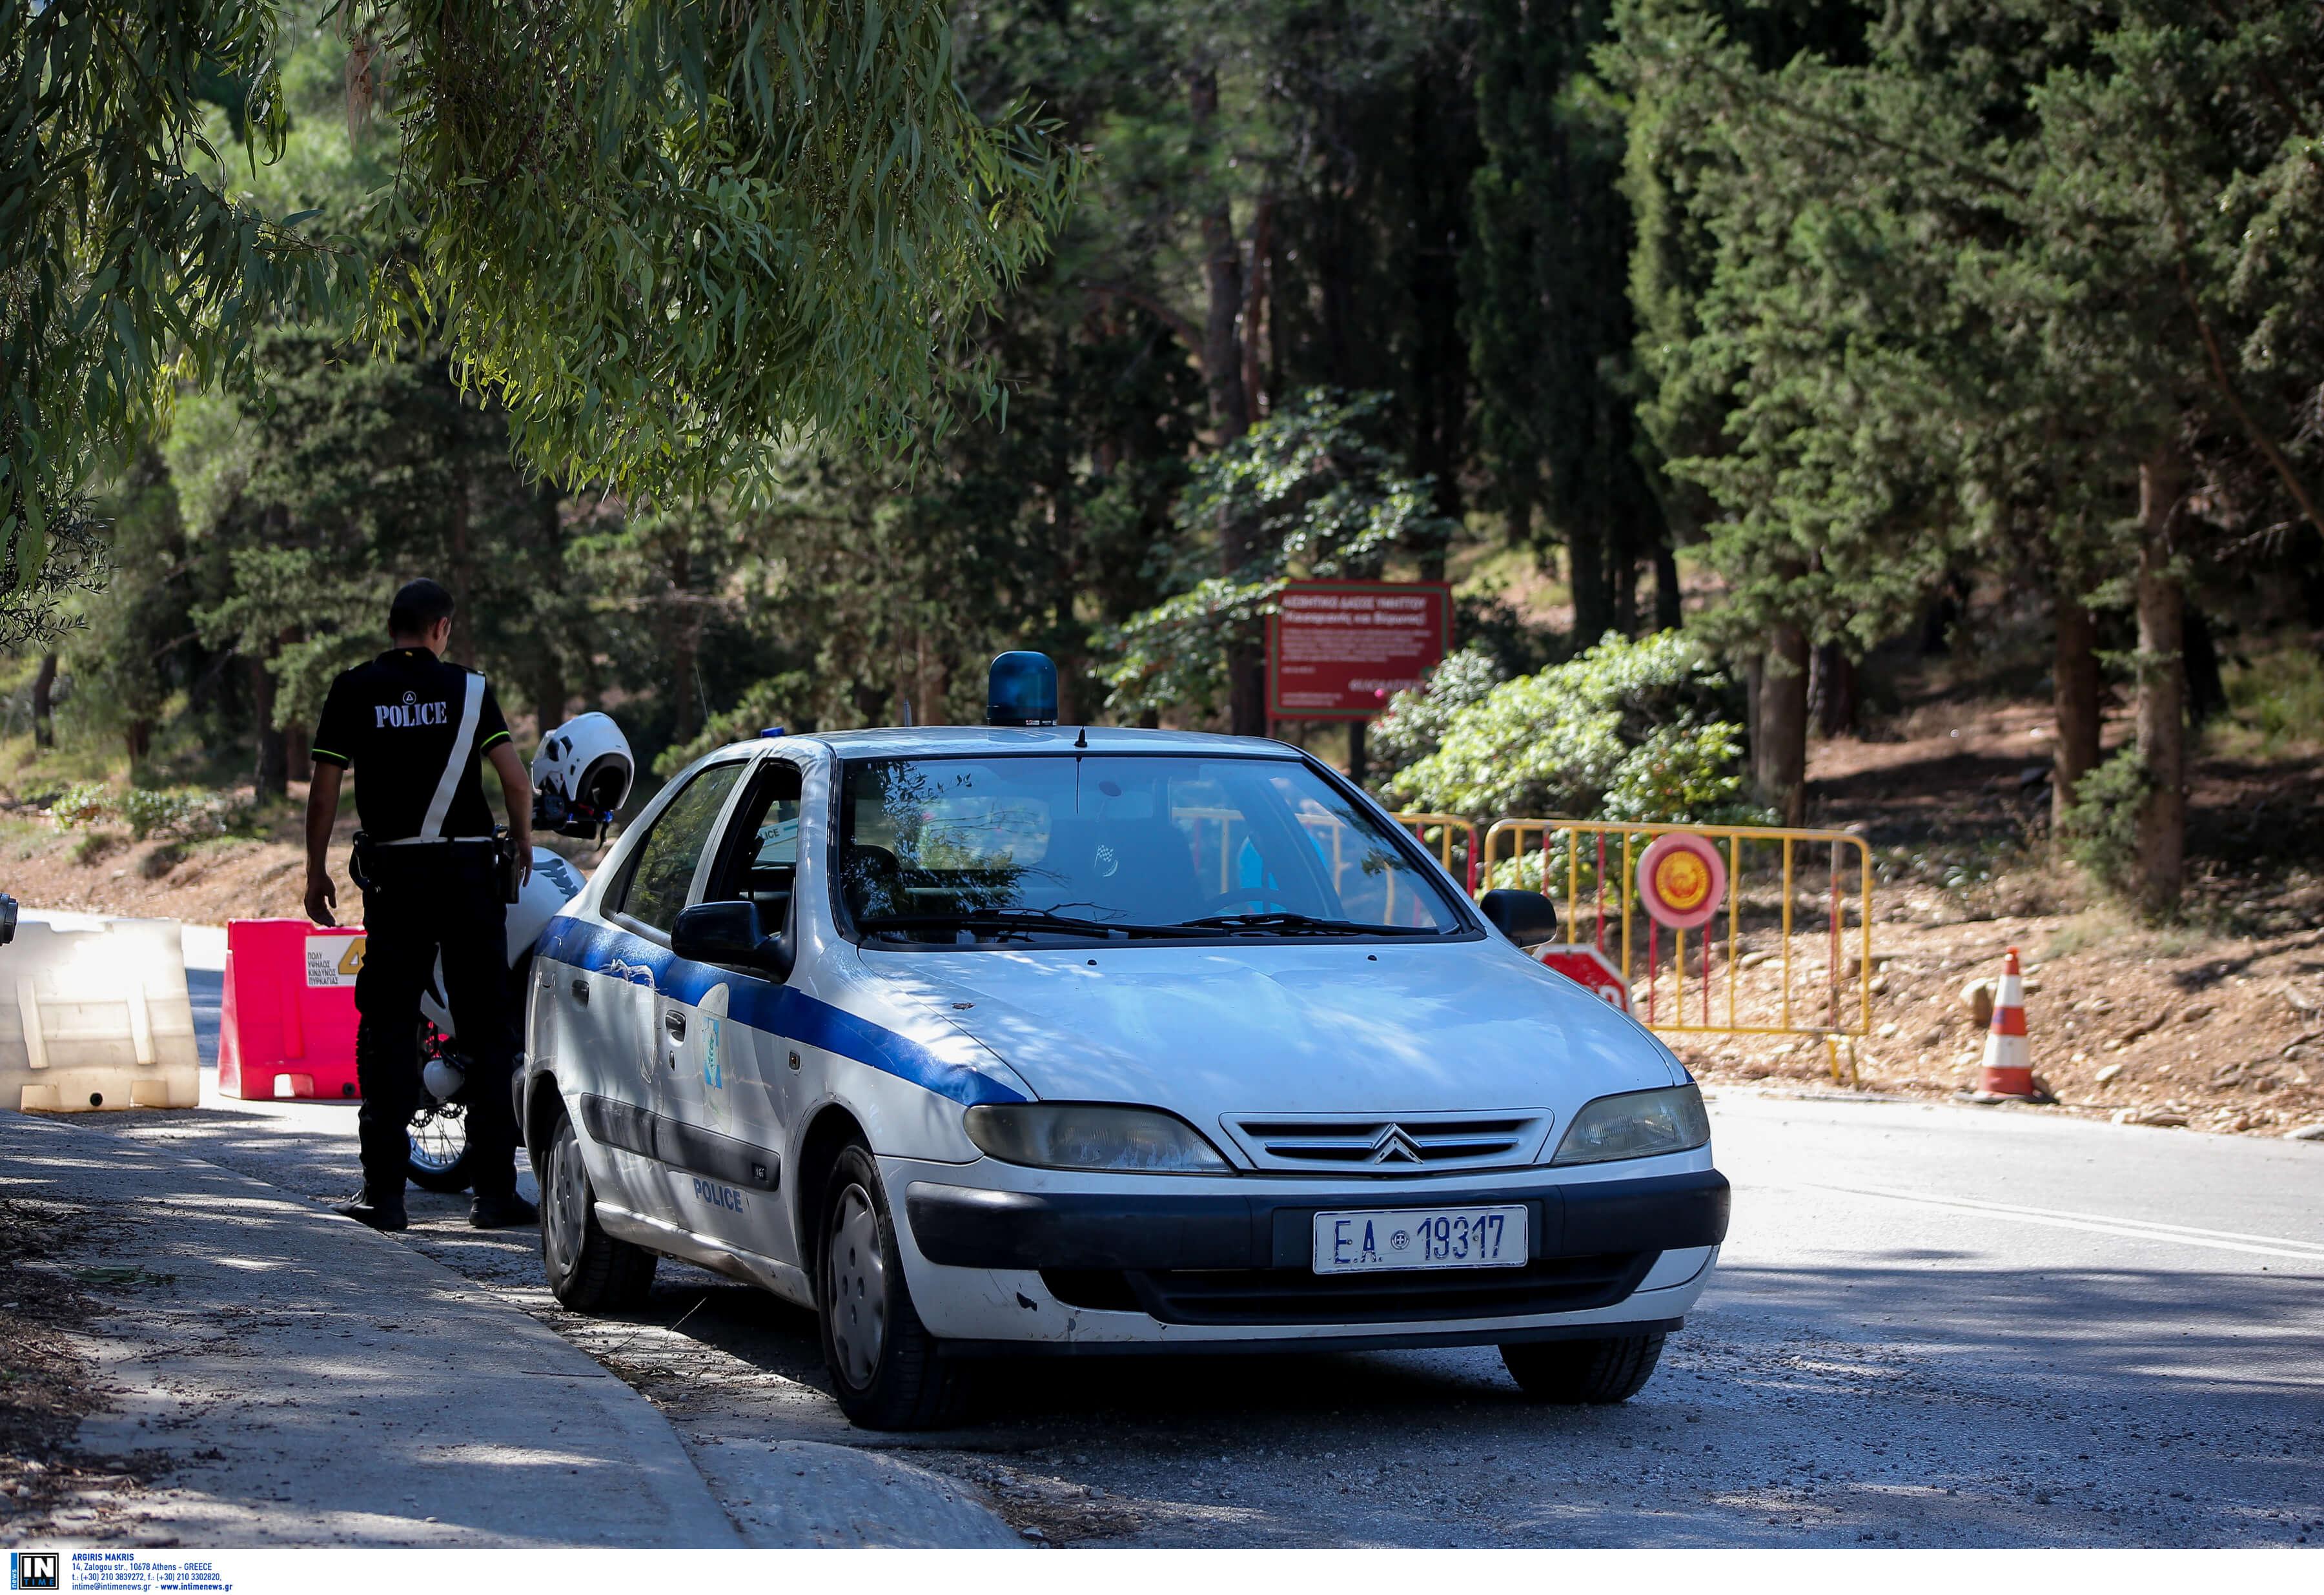 Άρτα: Εντοπίστηκε νεκρός στην άκρη του δρόμου – Στο πένθος η οικογένεια του άτυχου άντρα!